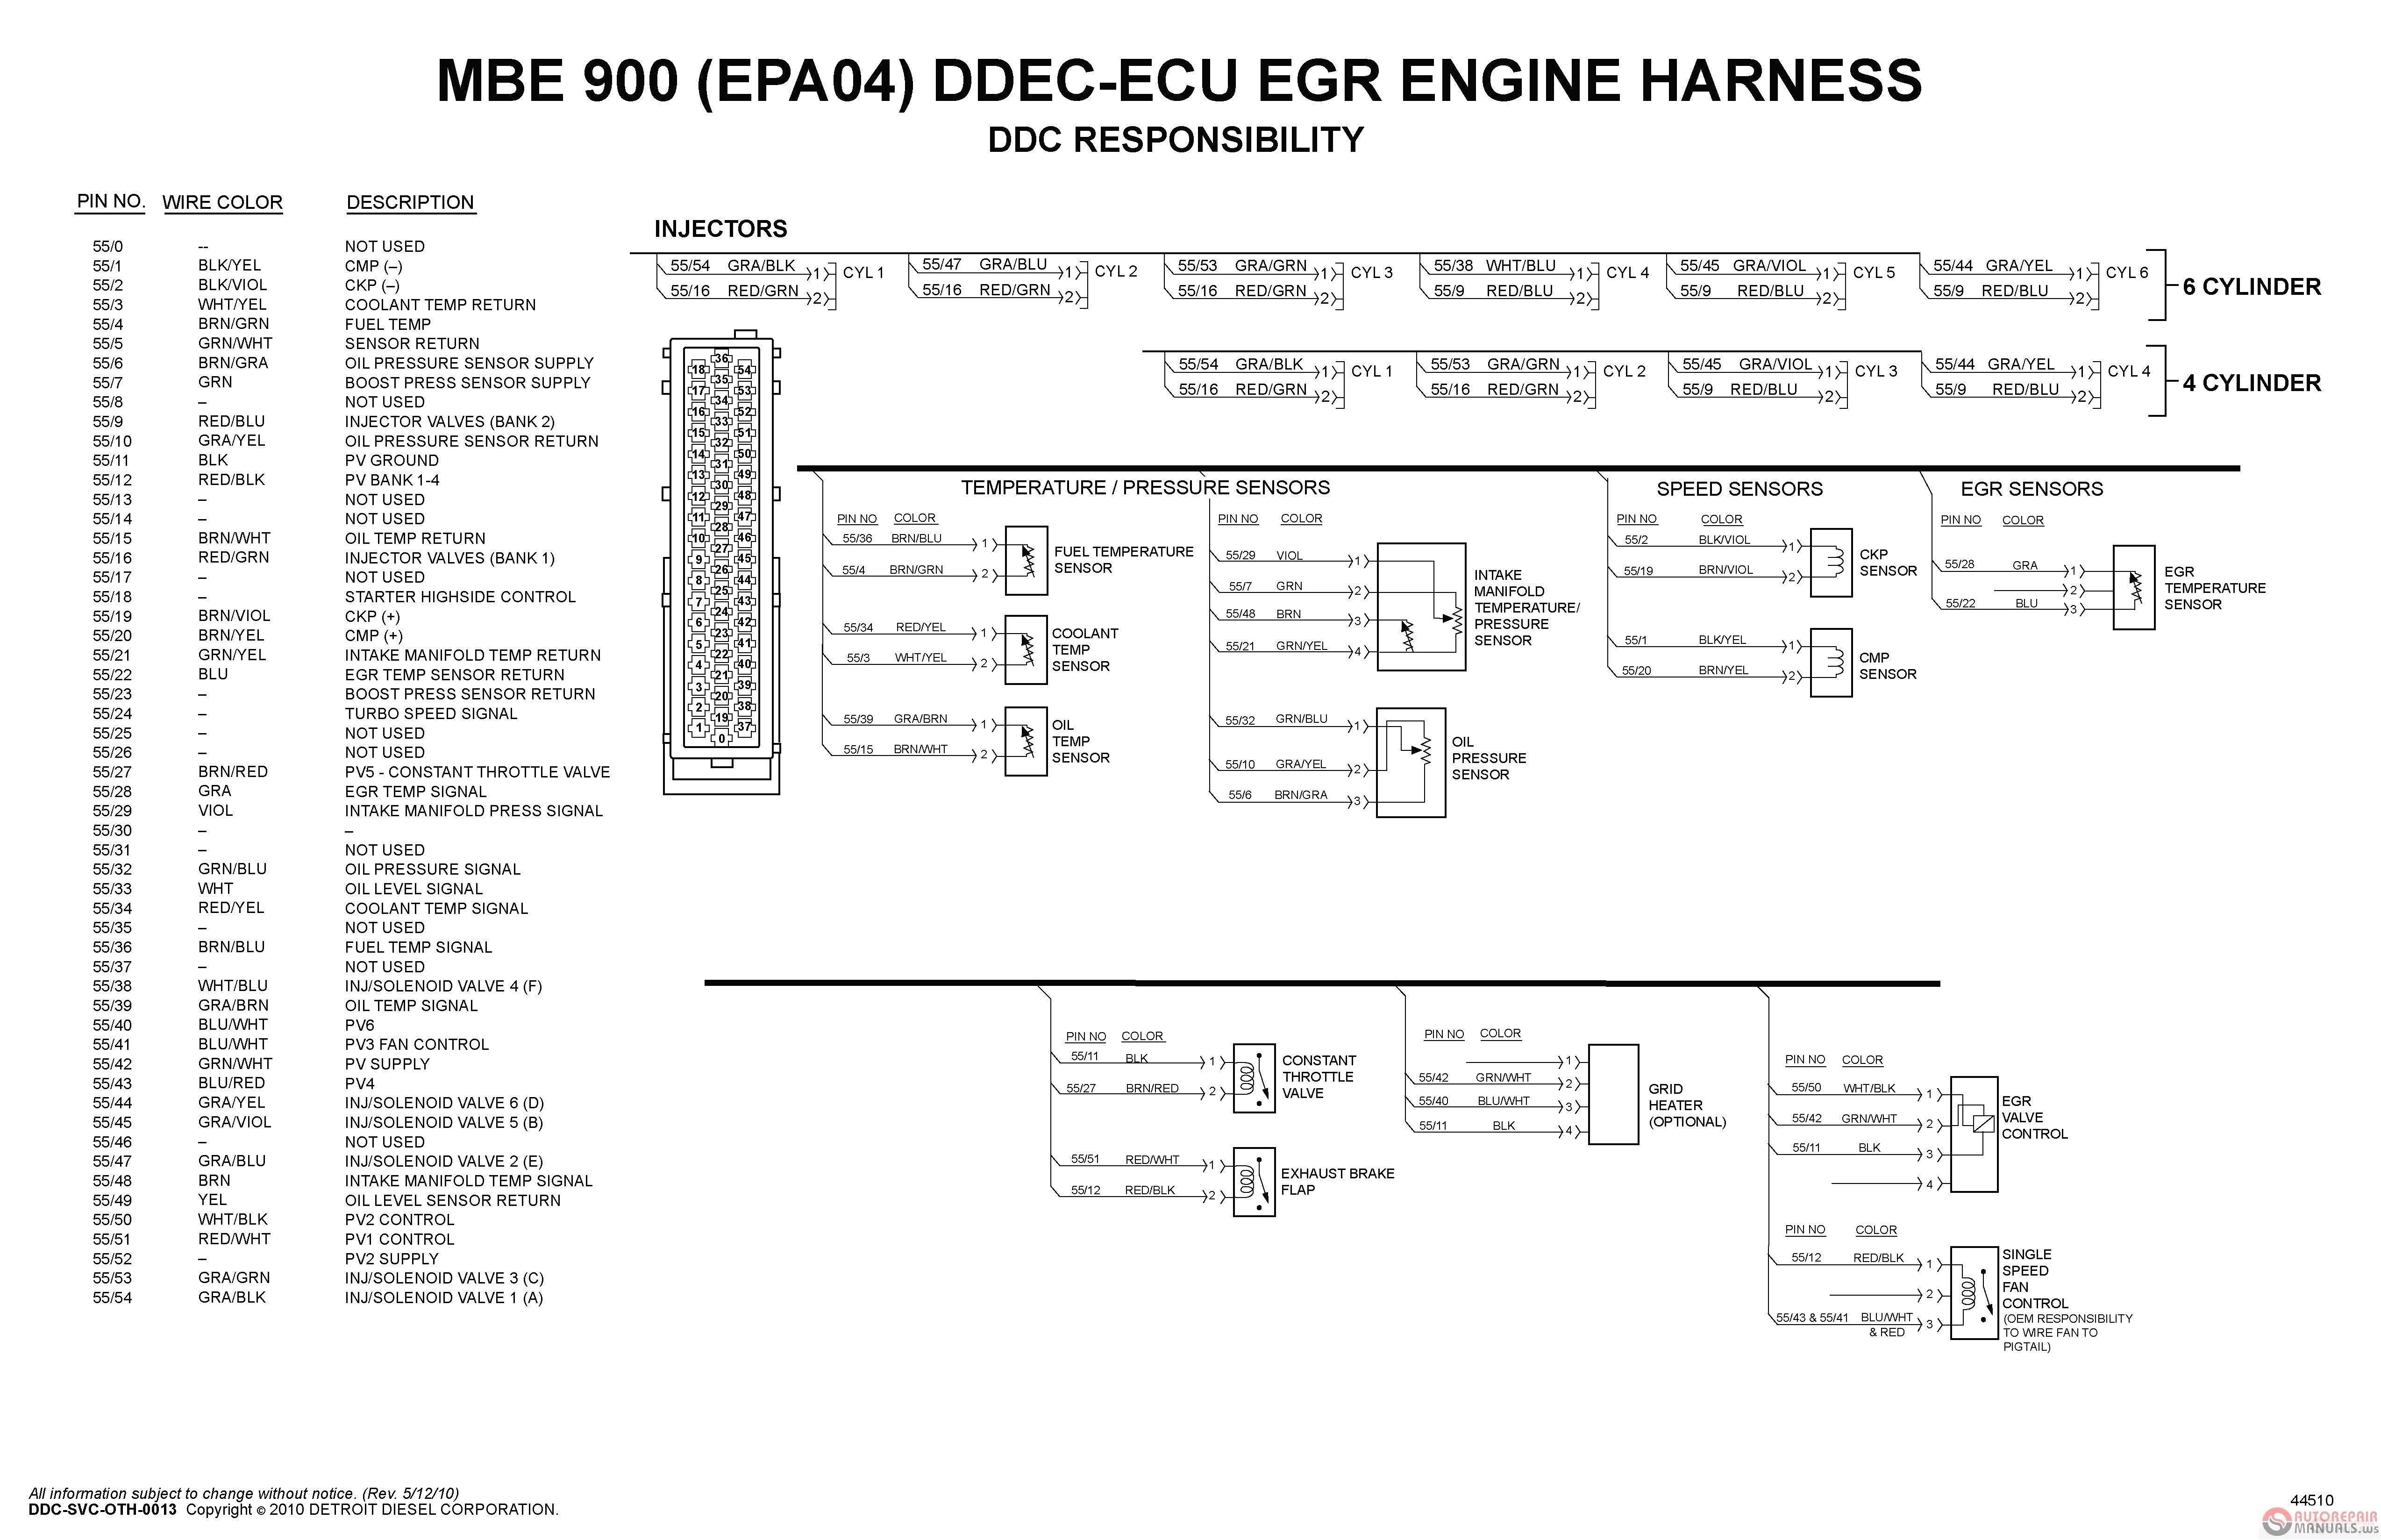 detroit diesel series 60 ecm wiring diagram on 1499277944 and at fordetroit diesel series 60 ecm [ 5096 x 3296 Pixel ]